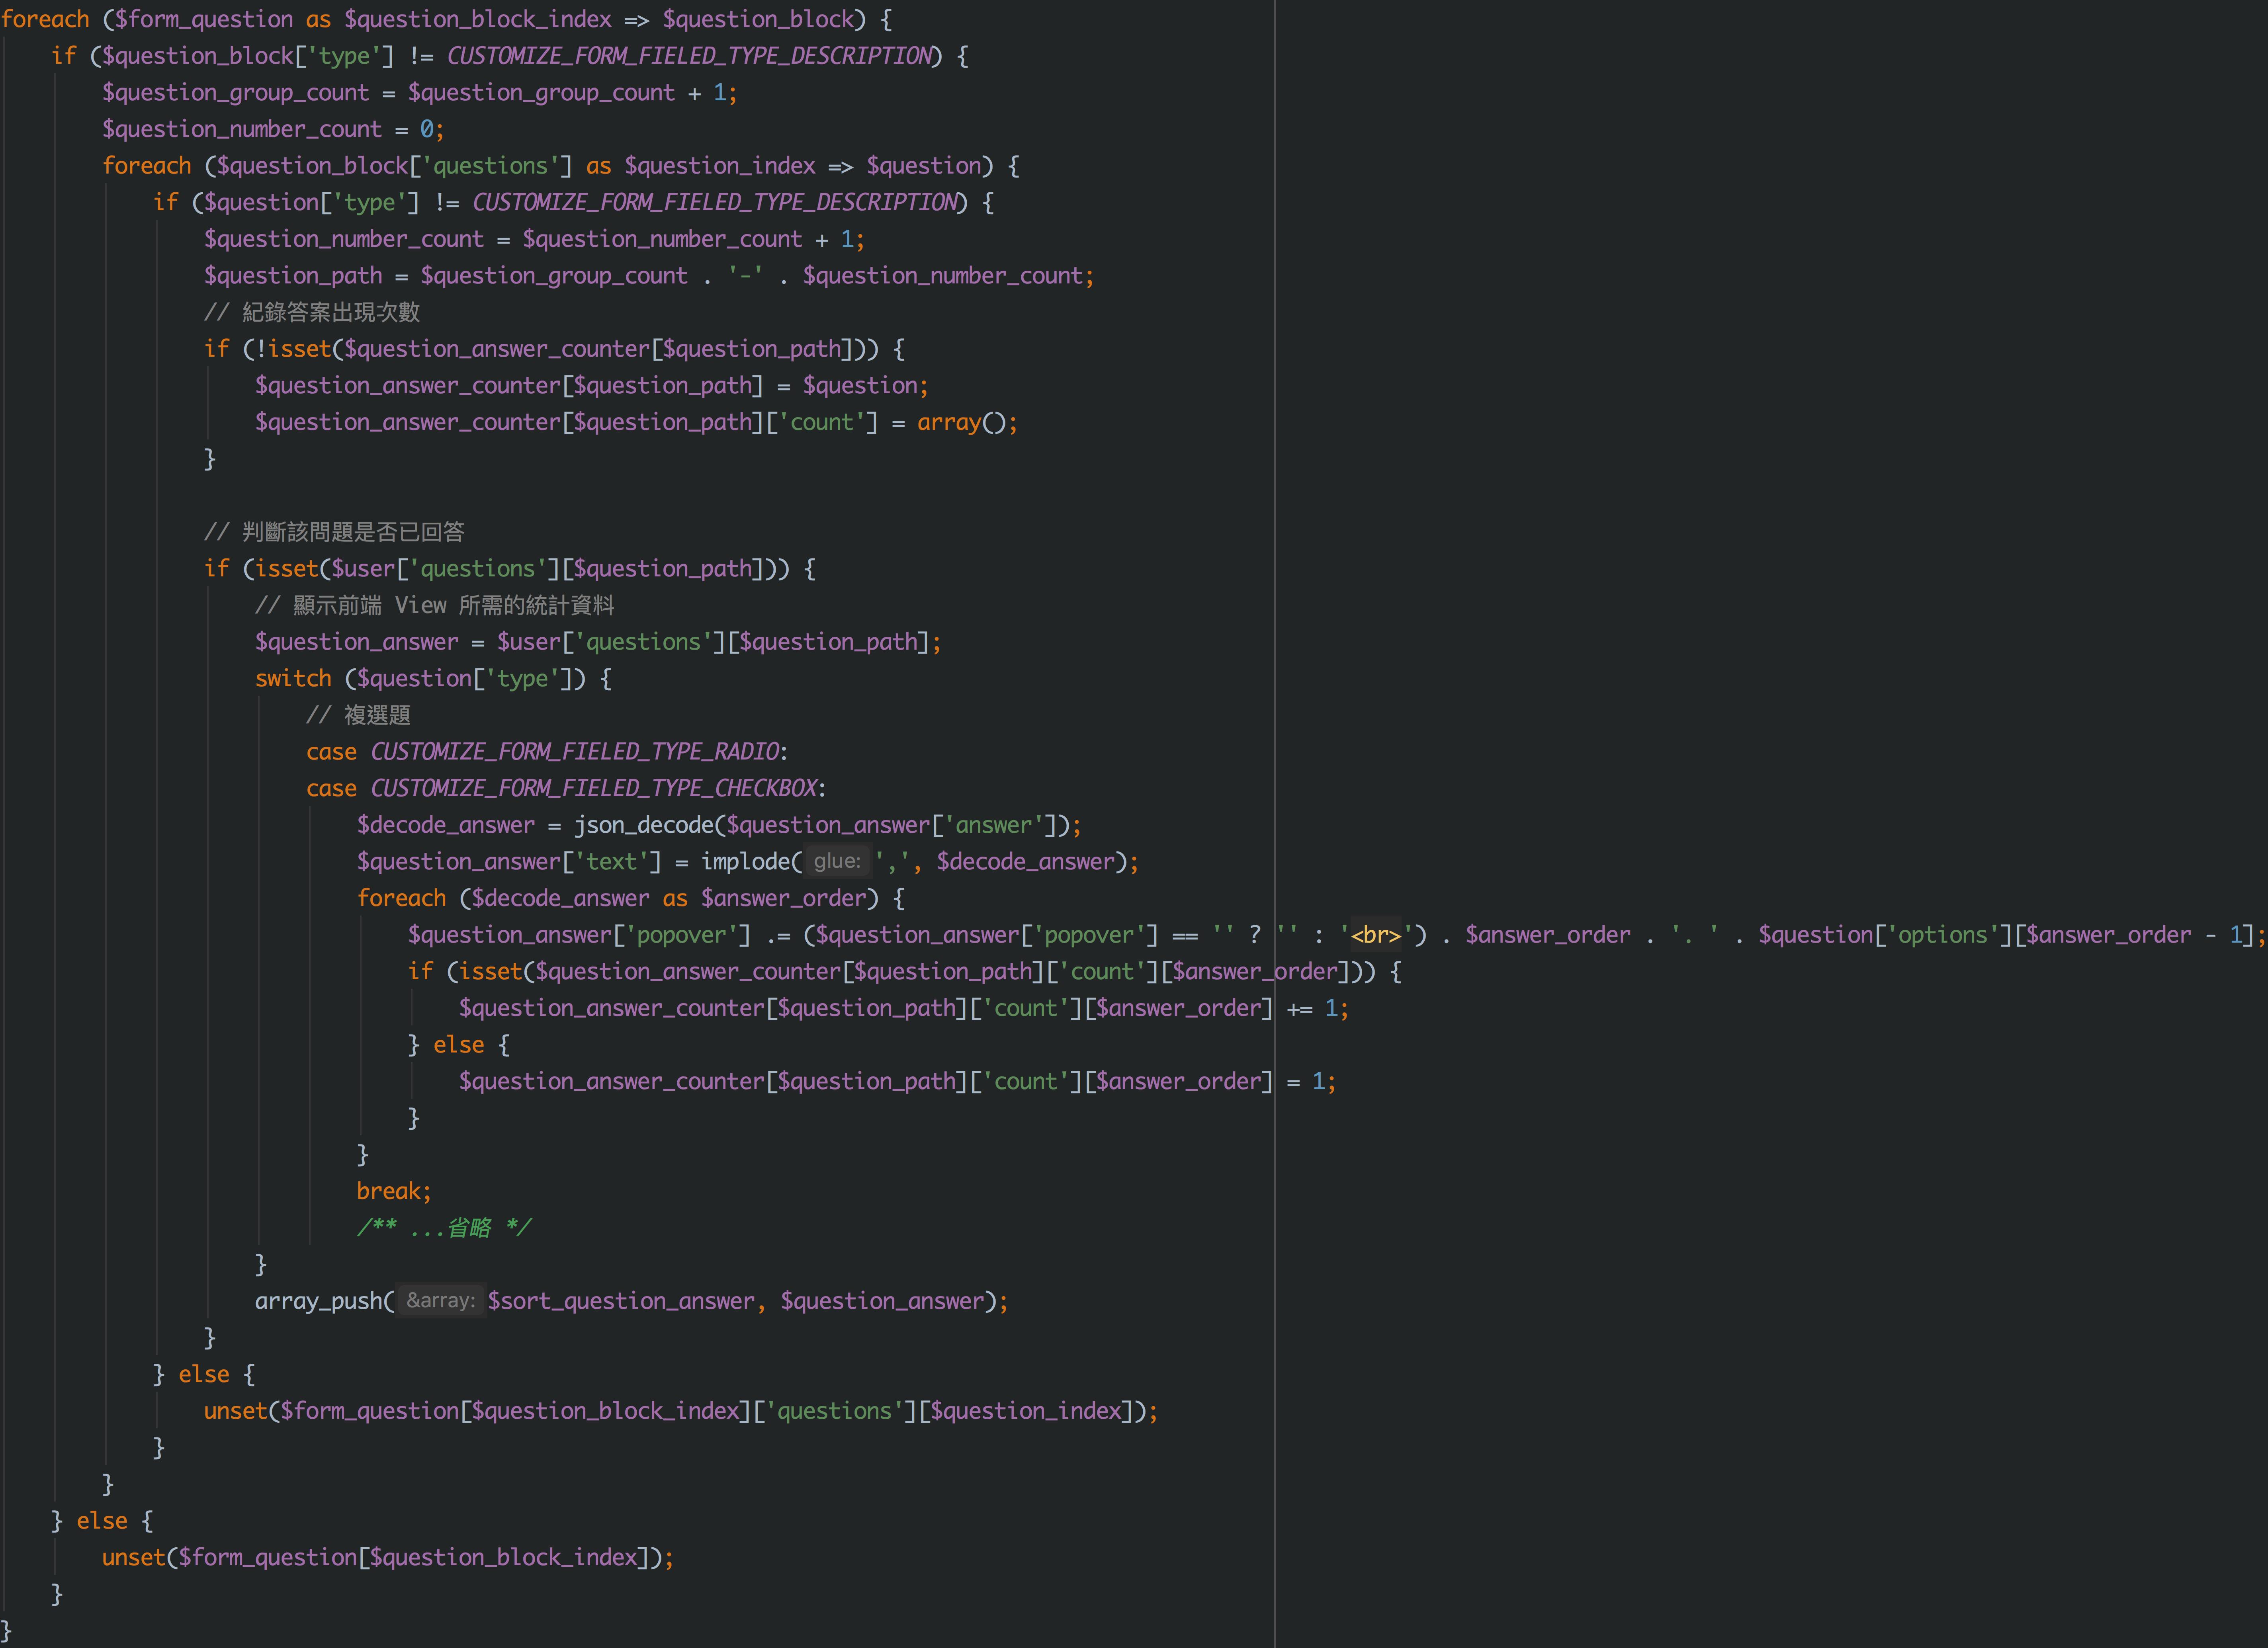 圖一:一個函式包含多個意圖,並且難以辨認每段程式碼之間的意圖與界線。